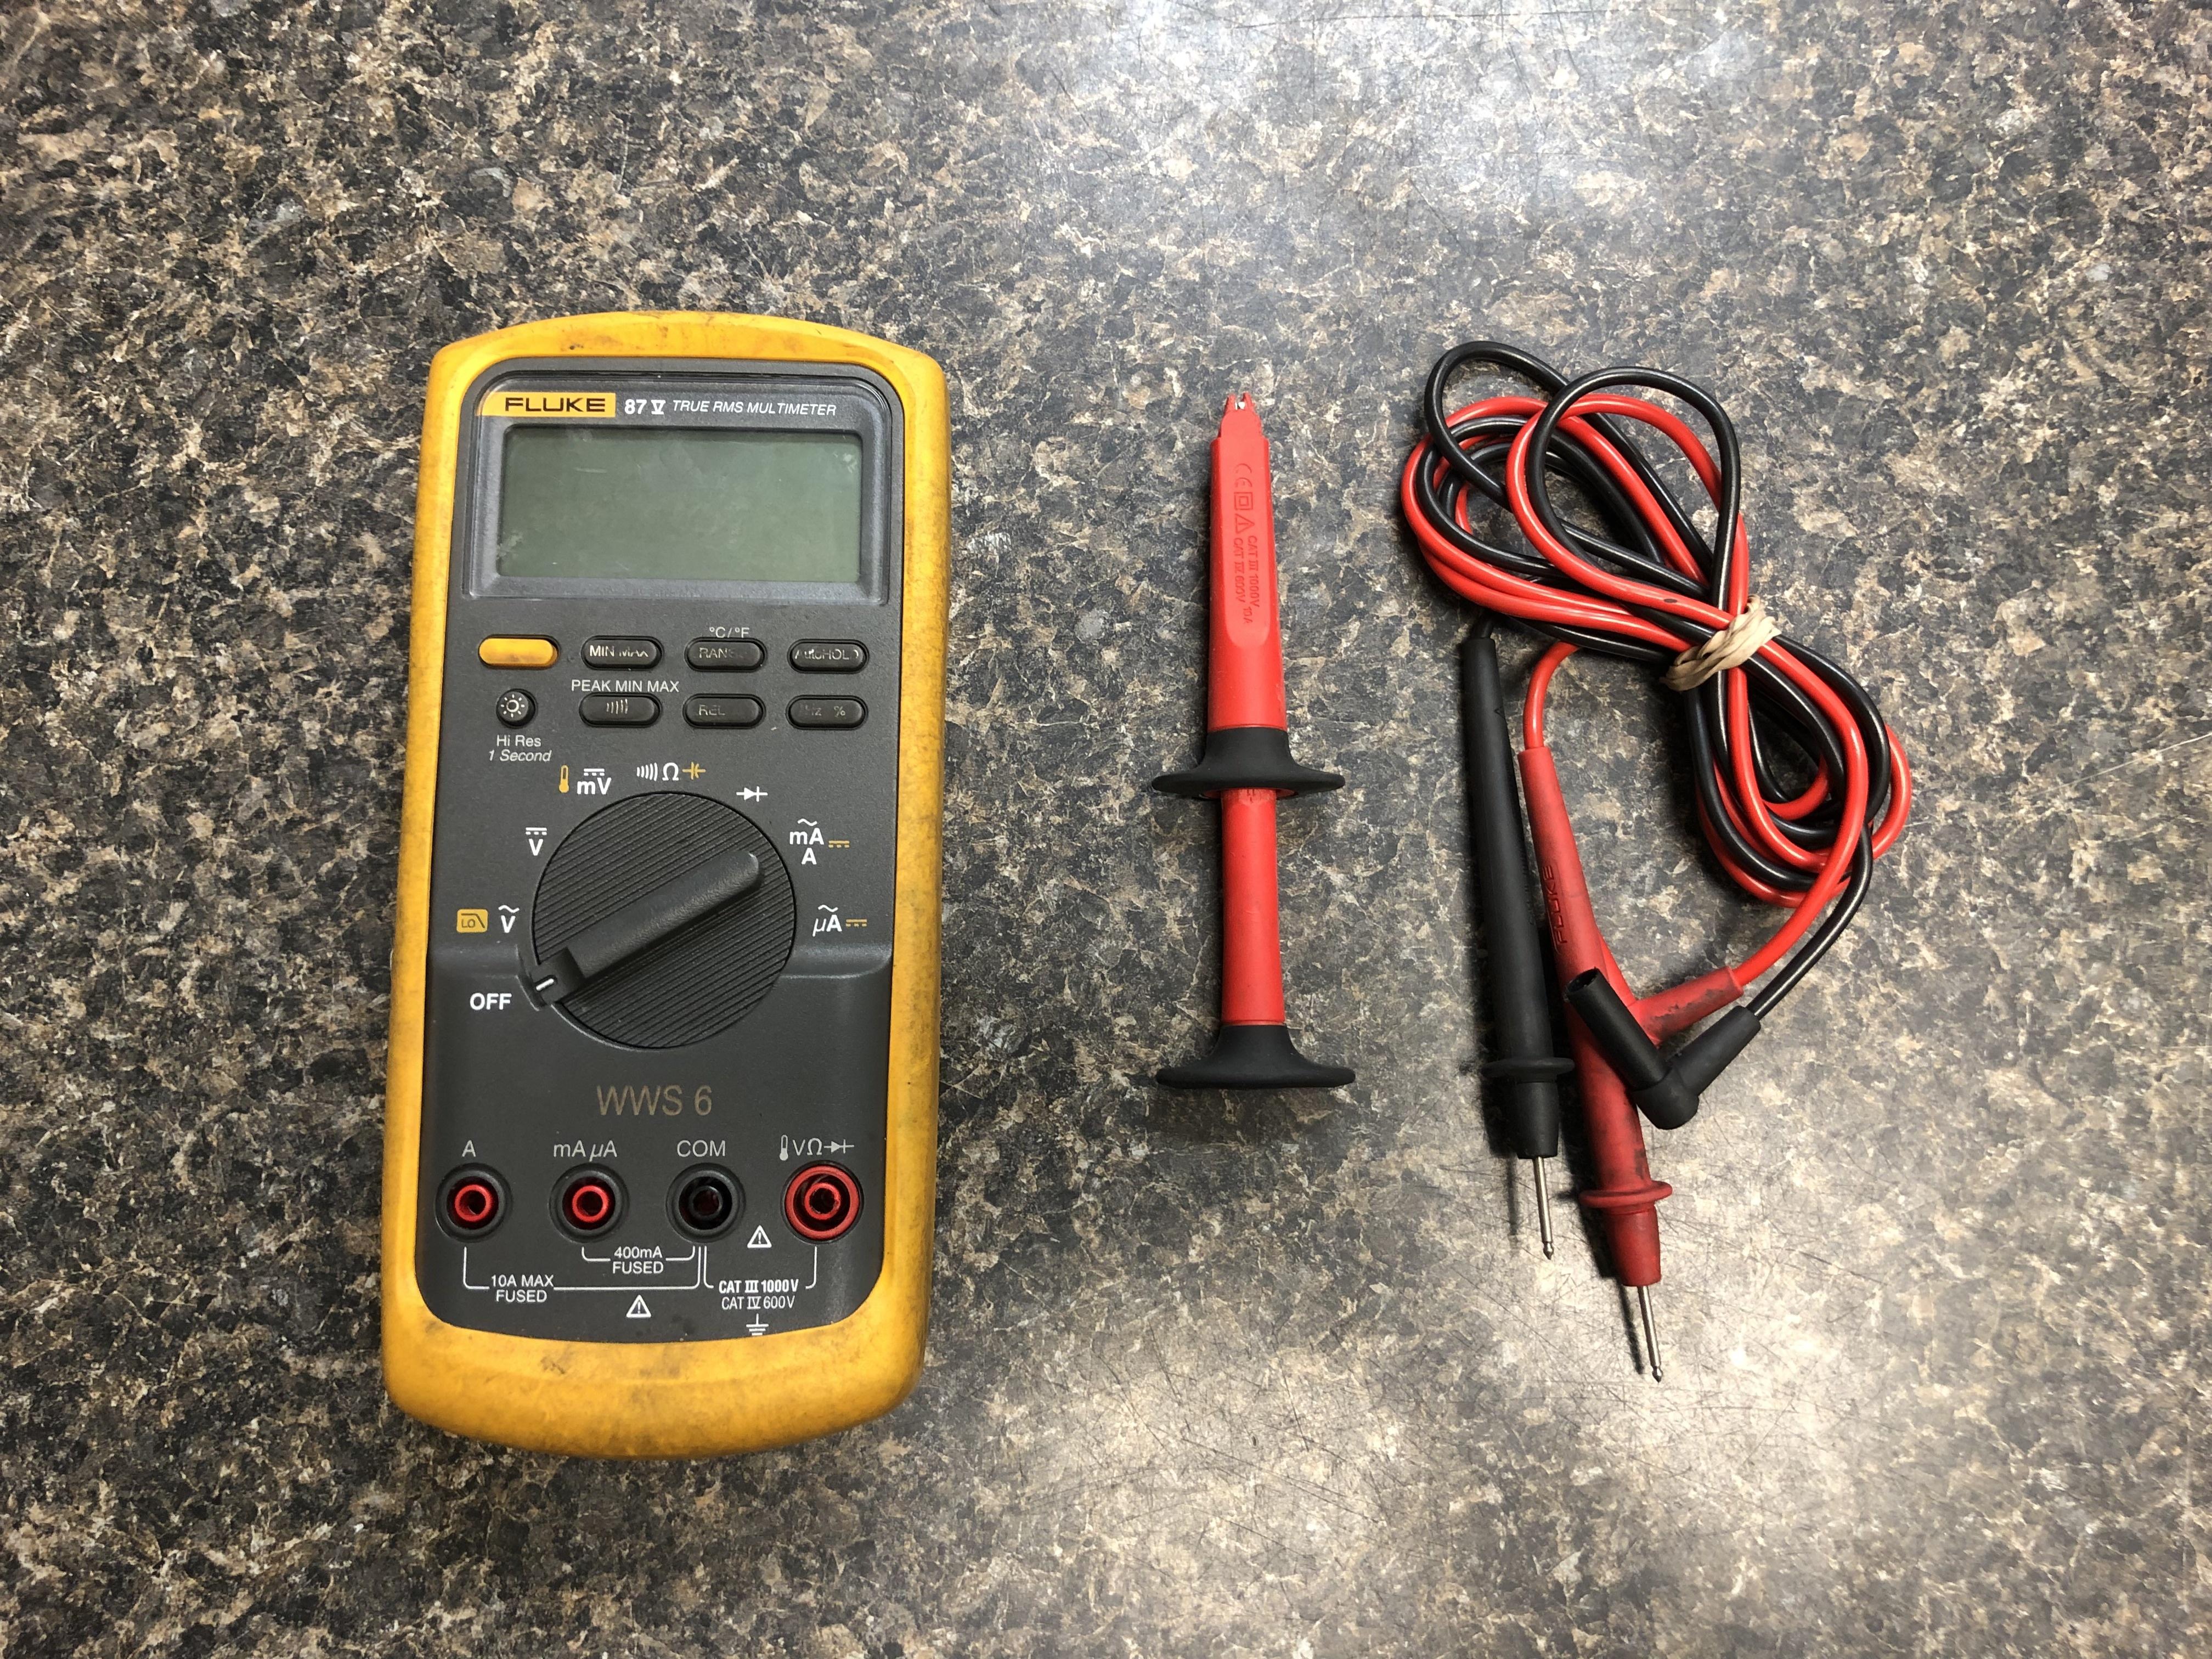 Fluke 87-5 Industrial Multi-meter